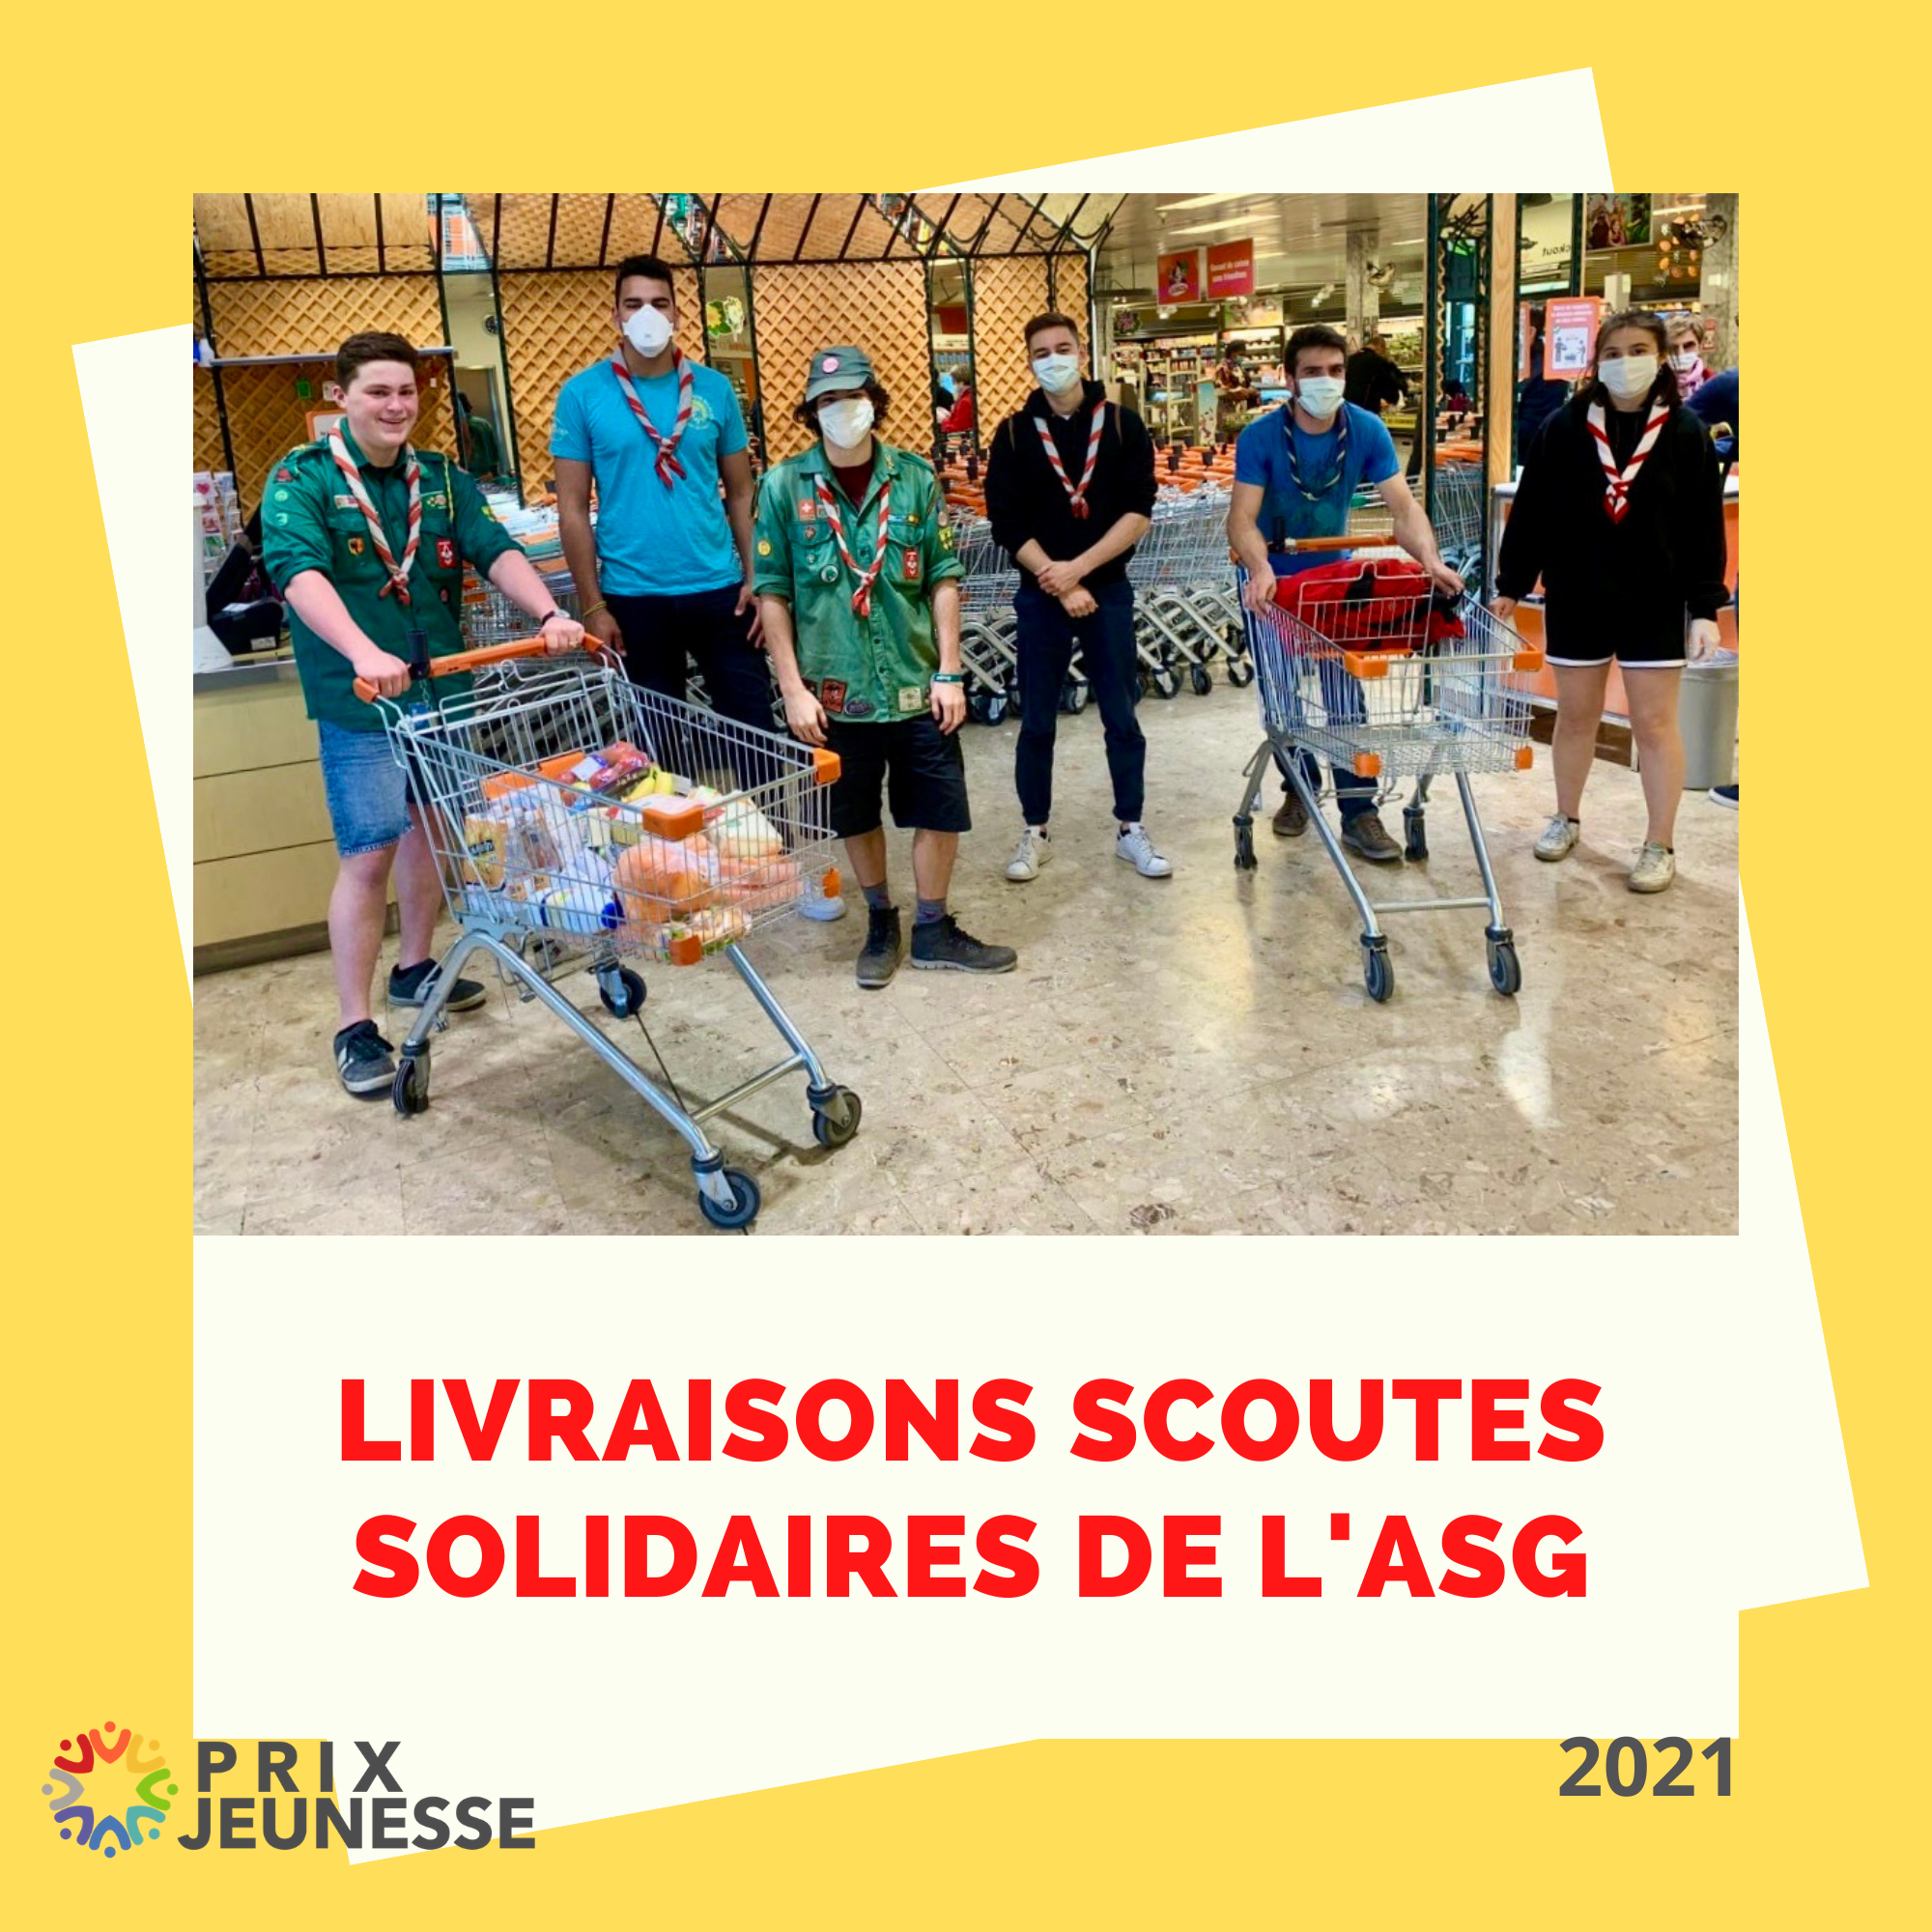 Candidat  Livraisons scoutes solidaires de l'ASG